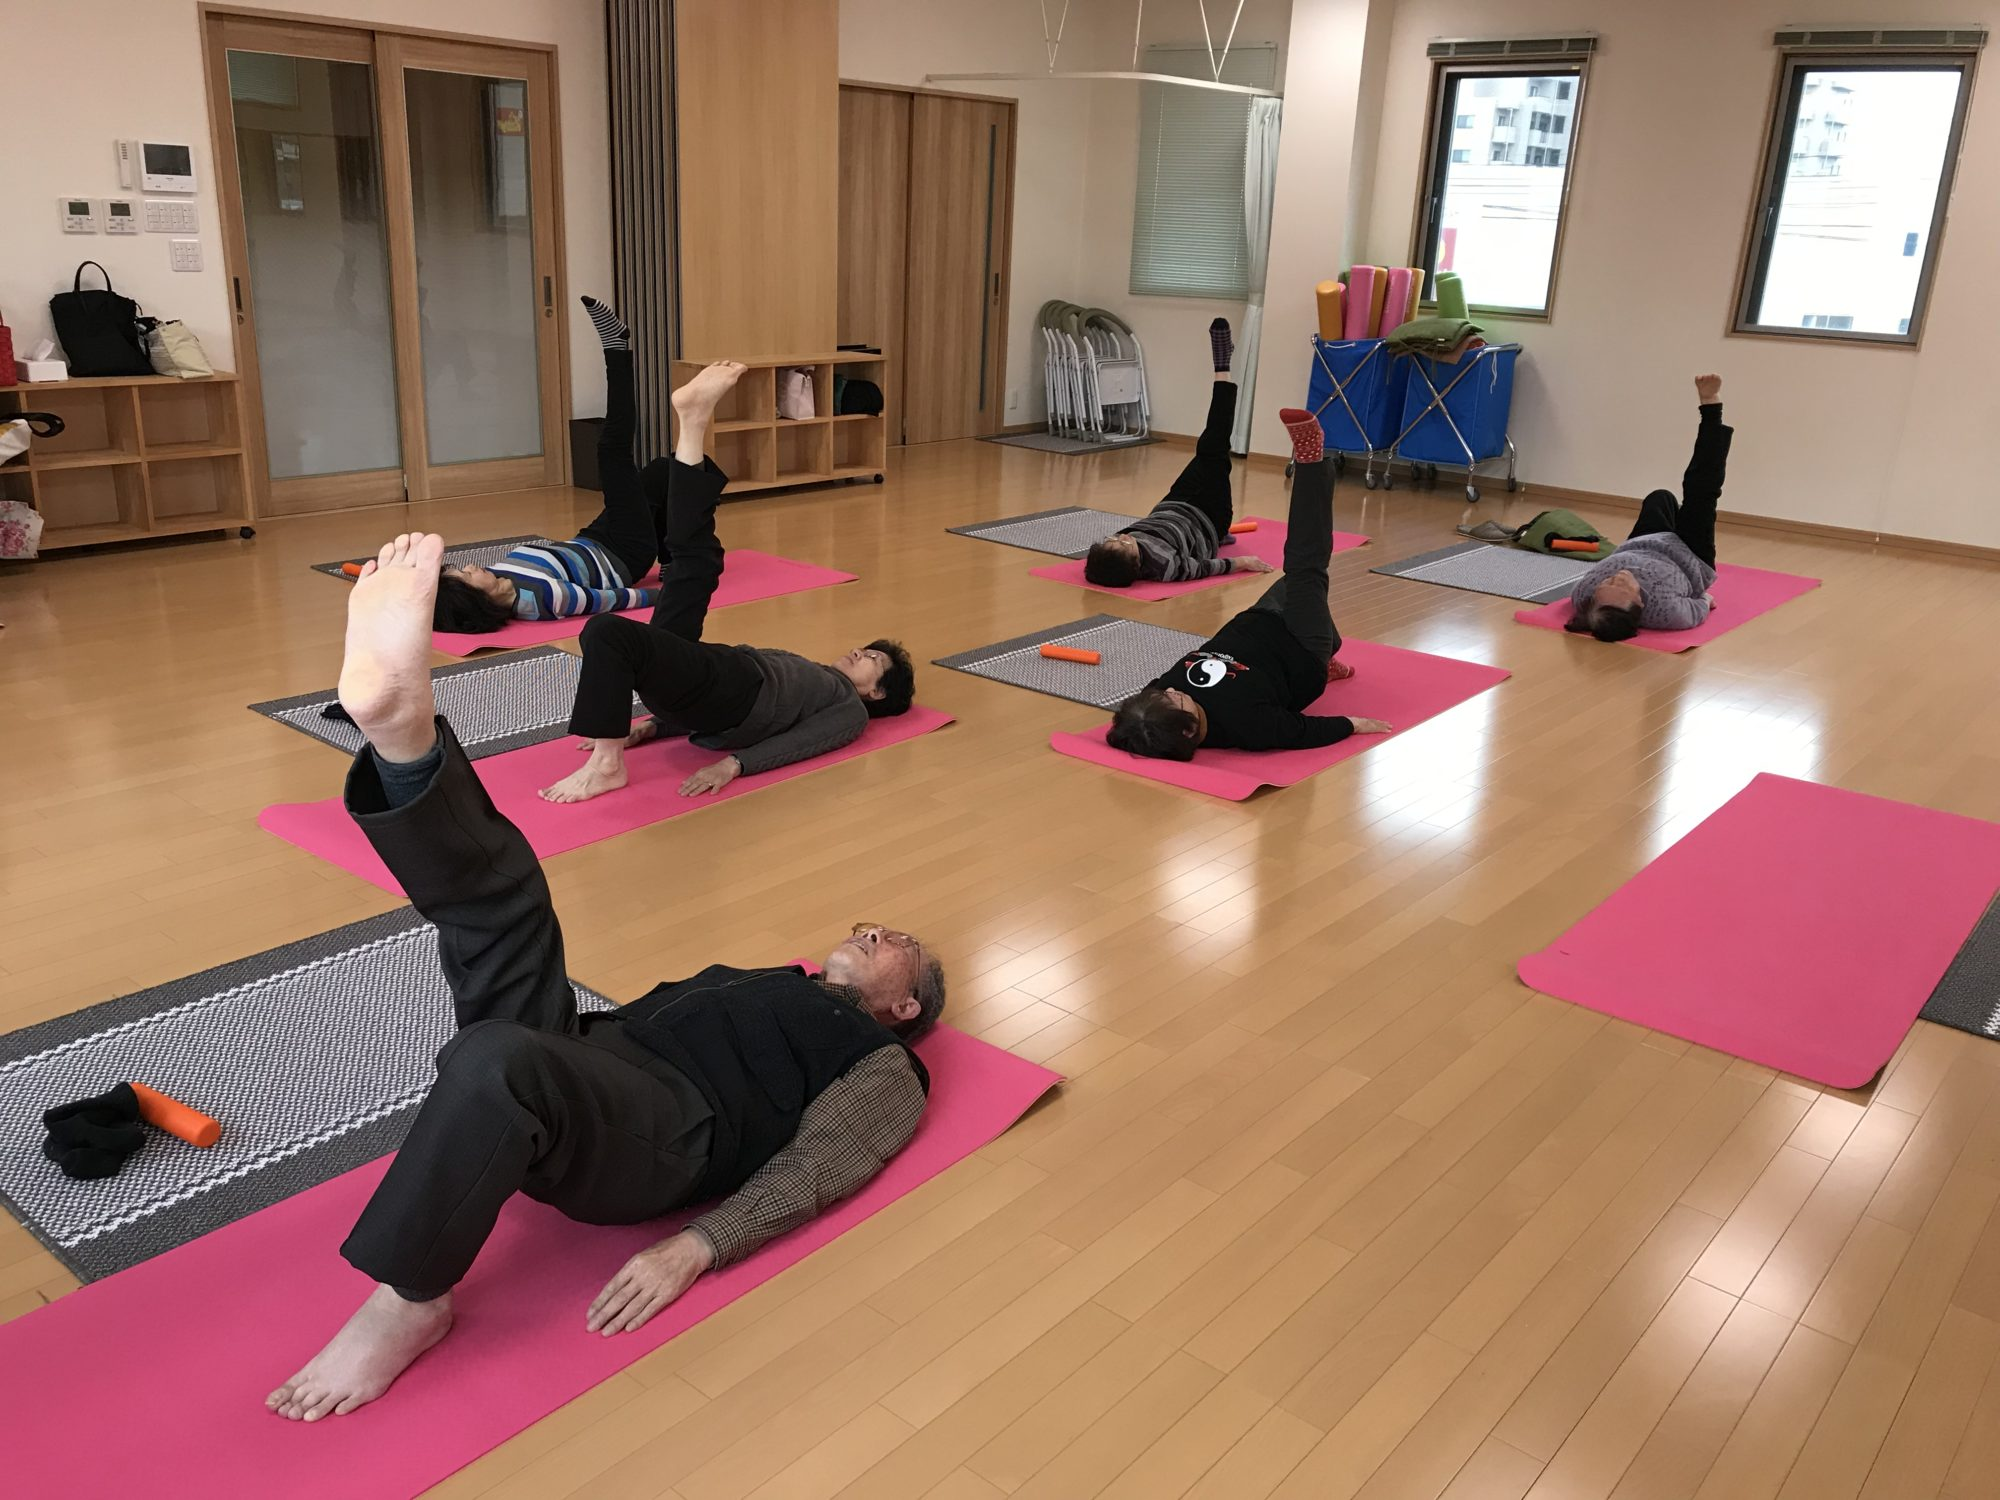 石川県金沢市、スタジオSeriの介護予防運動、平均83歳??